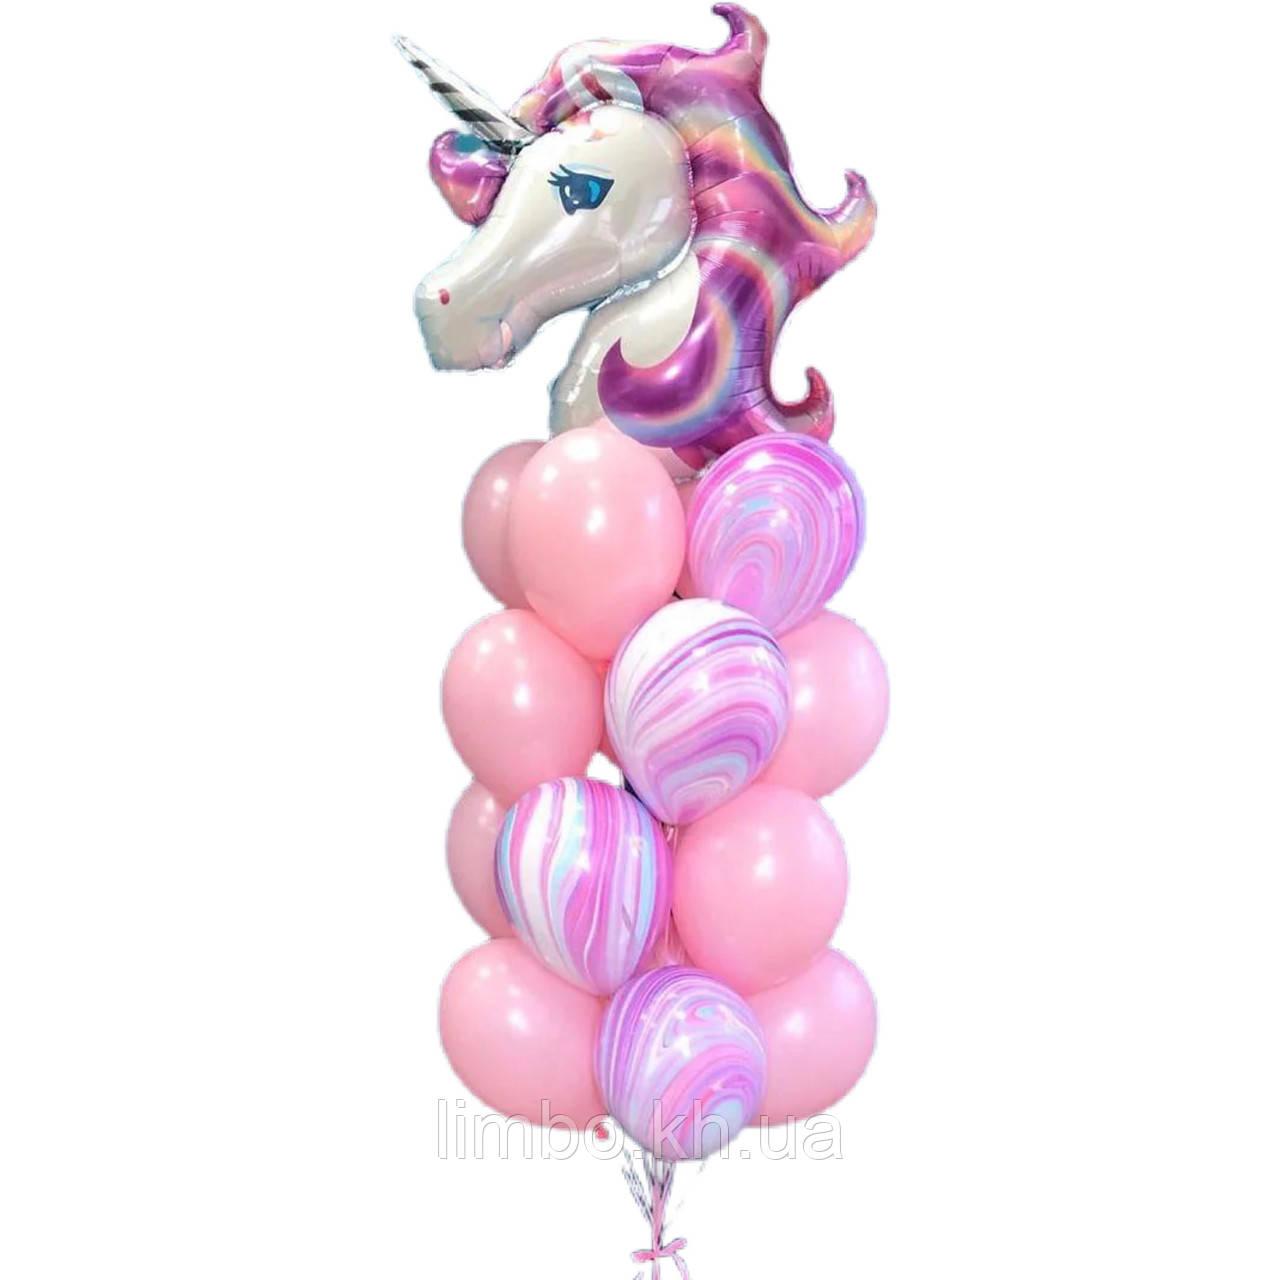 Шарики на день рождения девочке с фигурой  Единорог